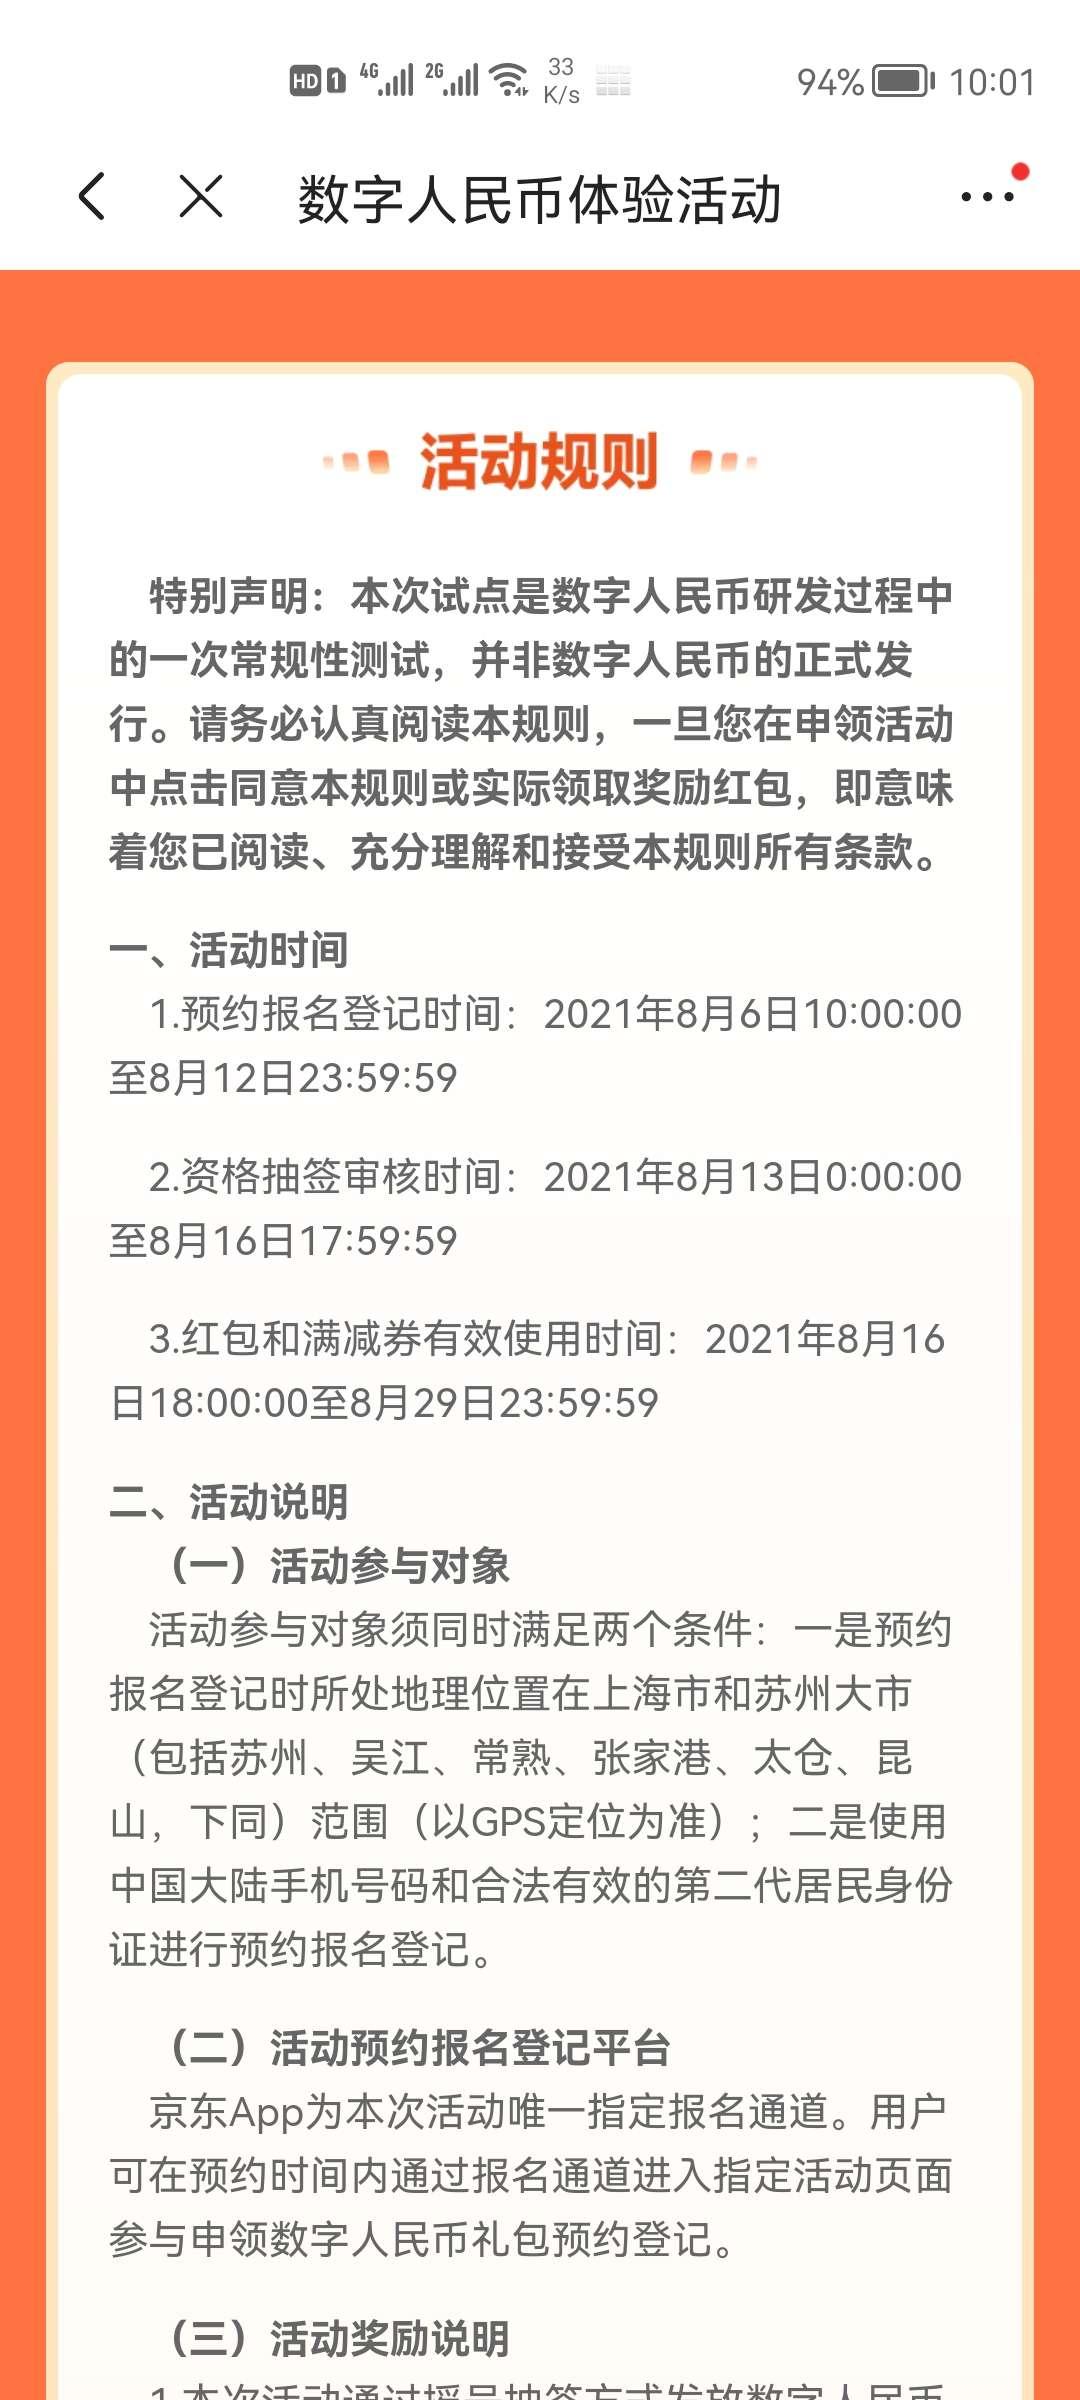 京东数字人民币活动,今天的新活动插图1